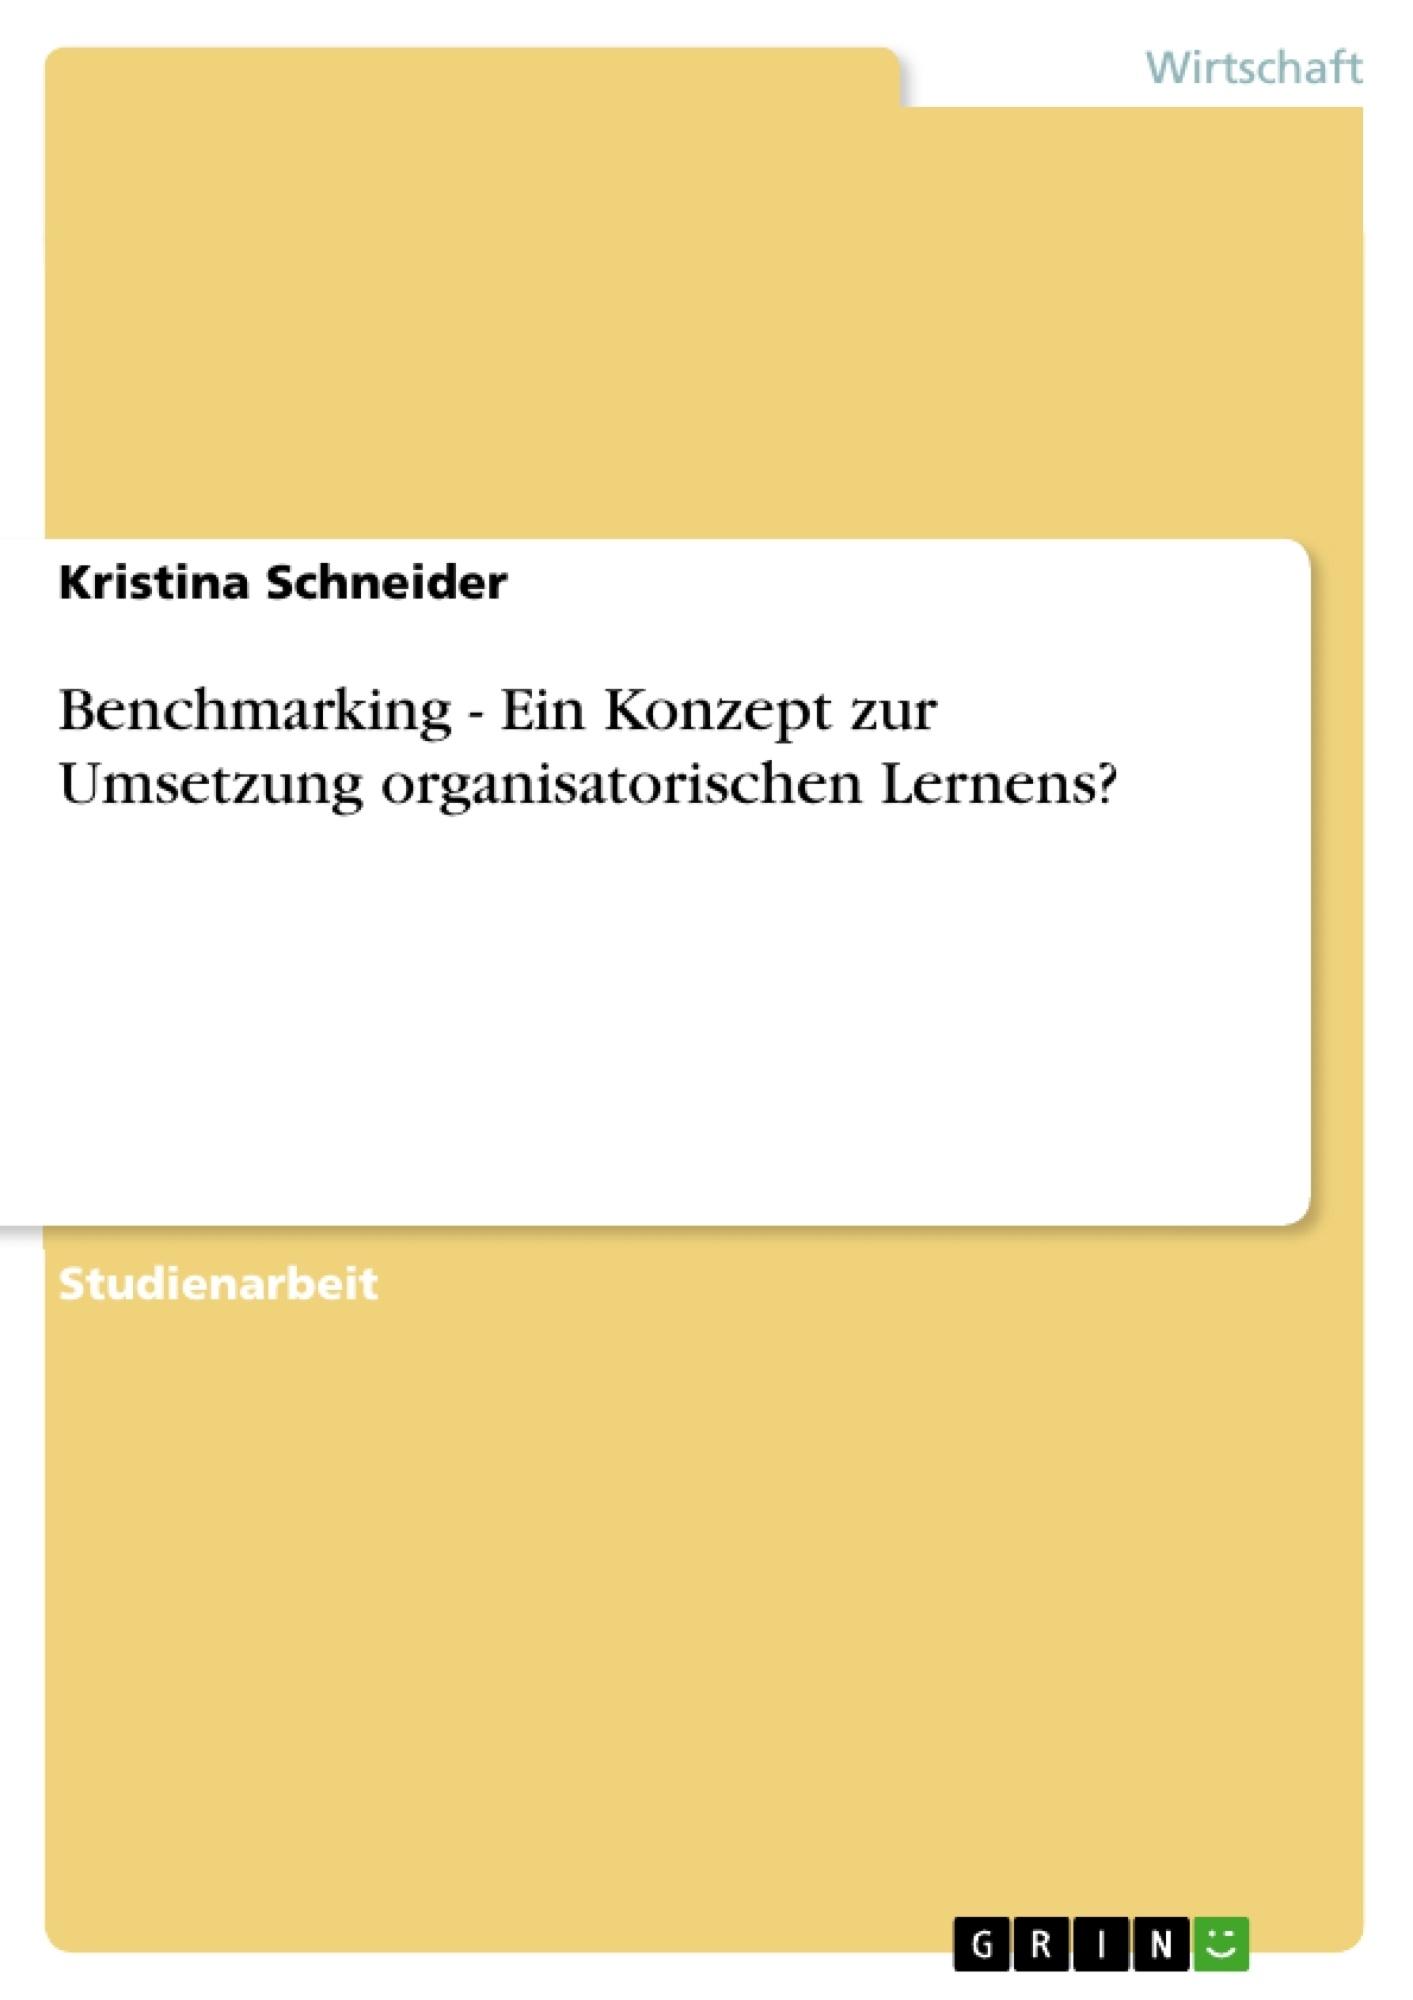 Titel: Benchmarking - Ein Konzept zur Umsetzung organisatorischen Lernens?